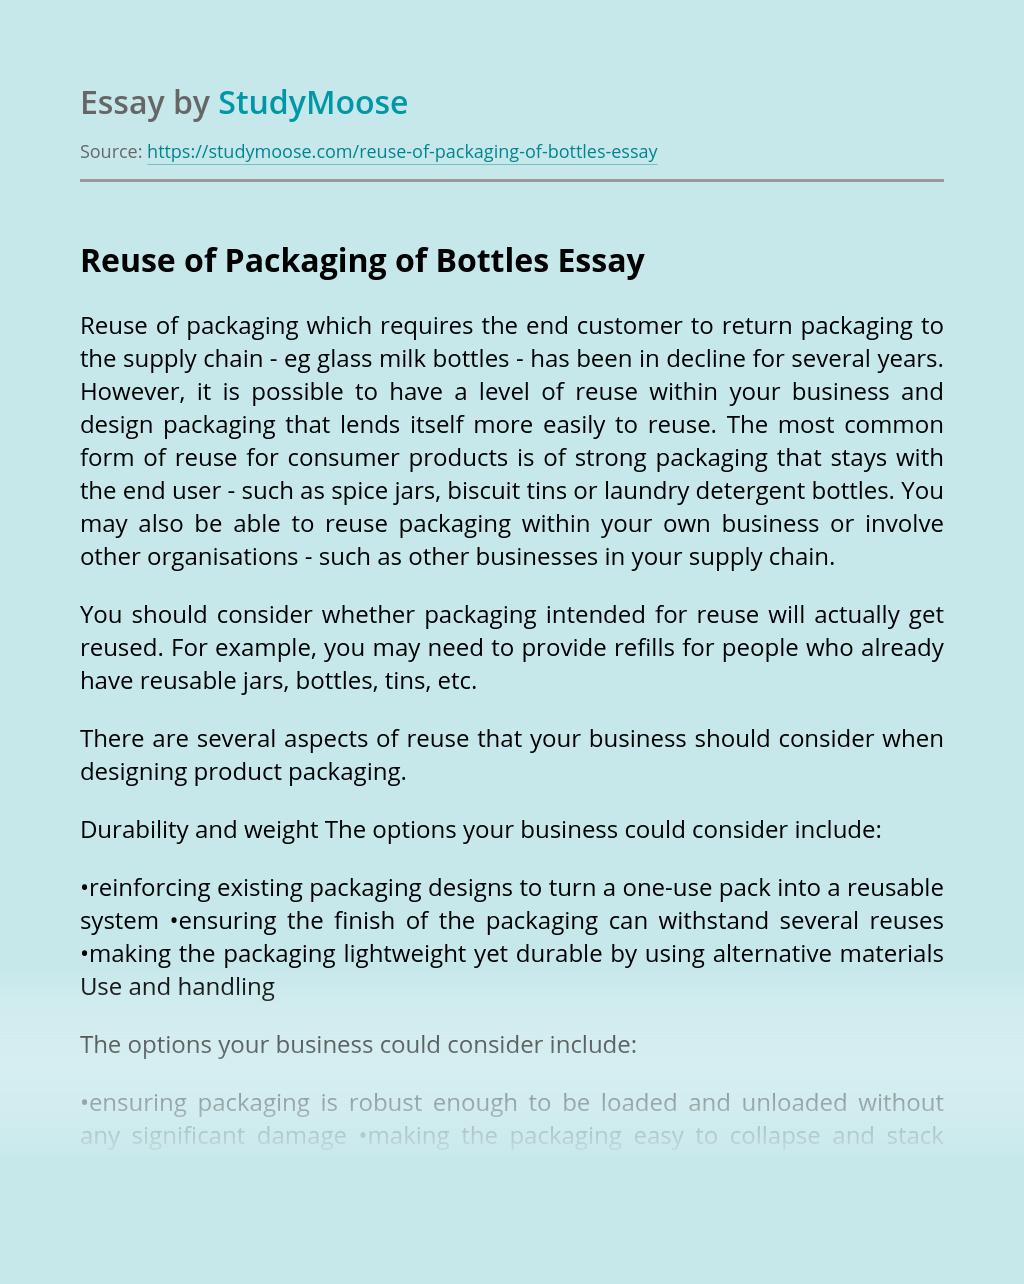 Reuse of Packaging of Bottles